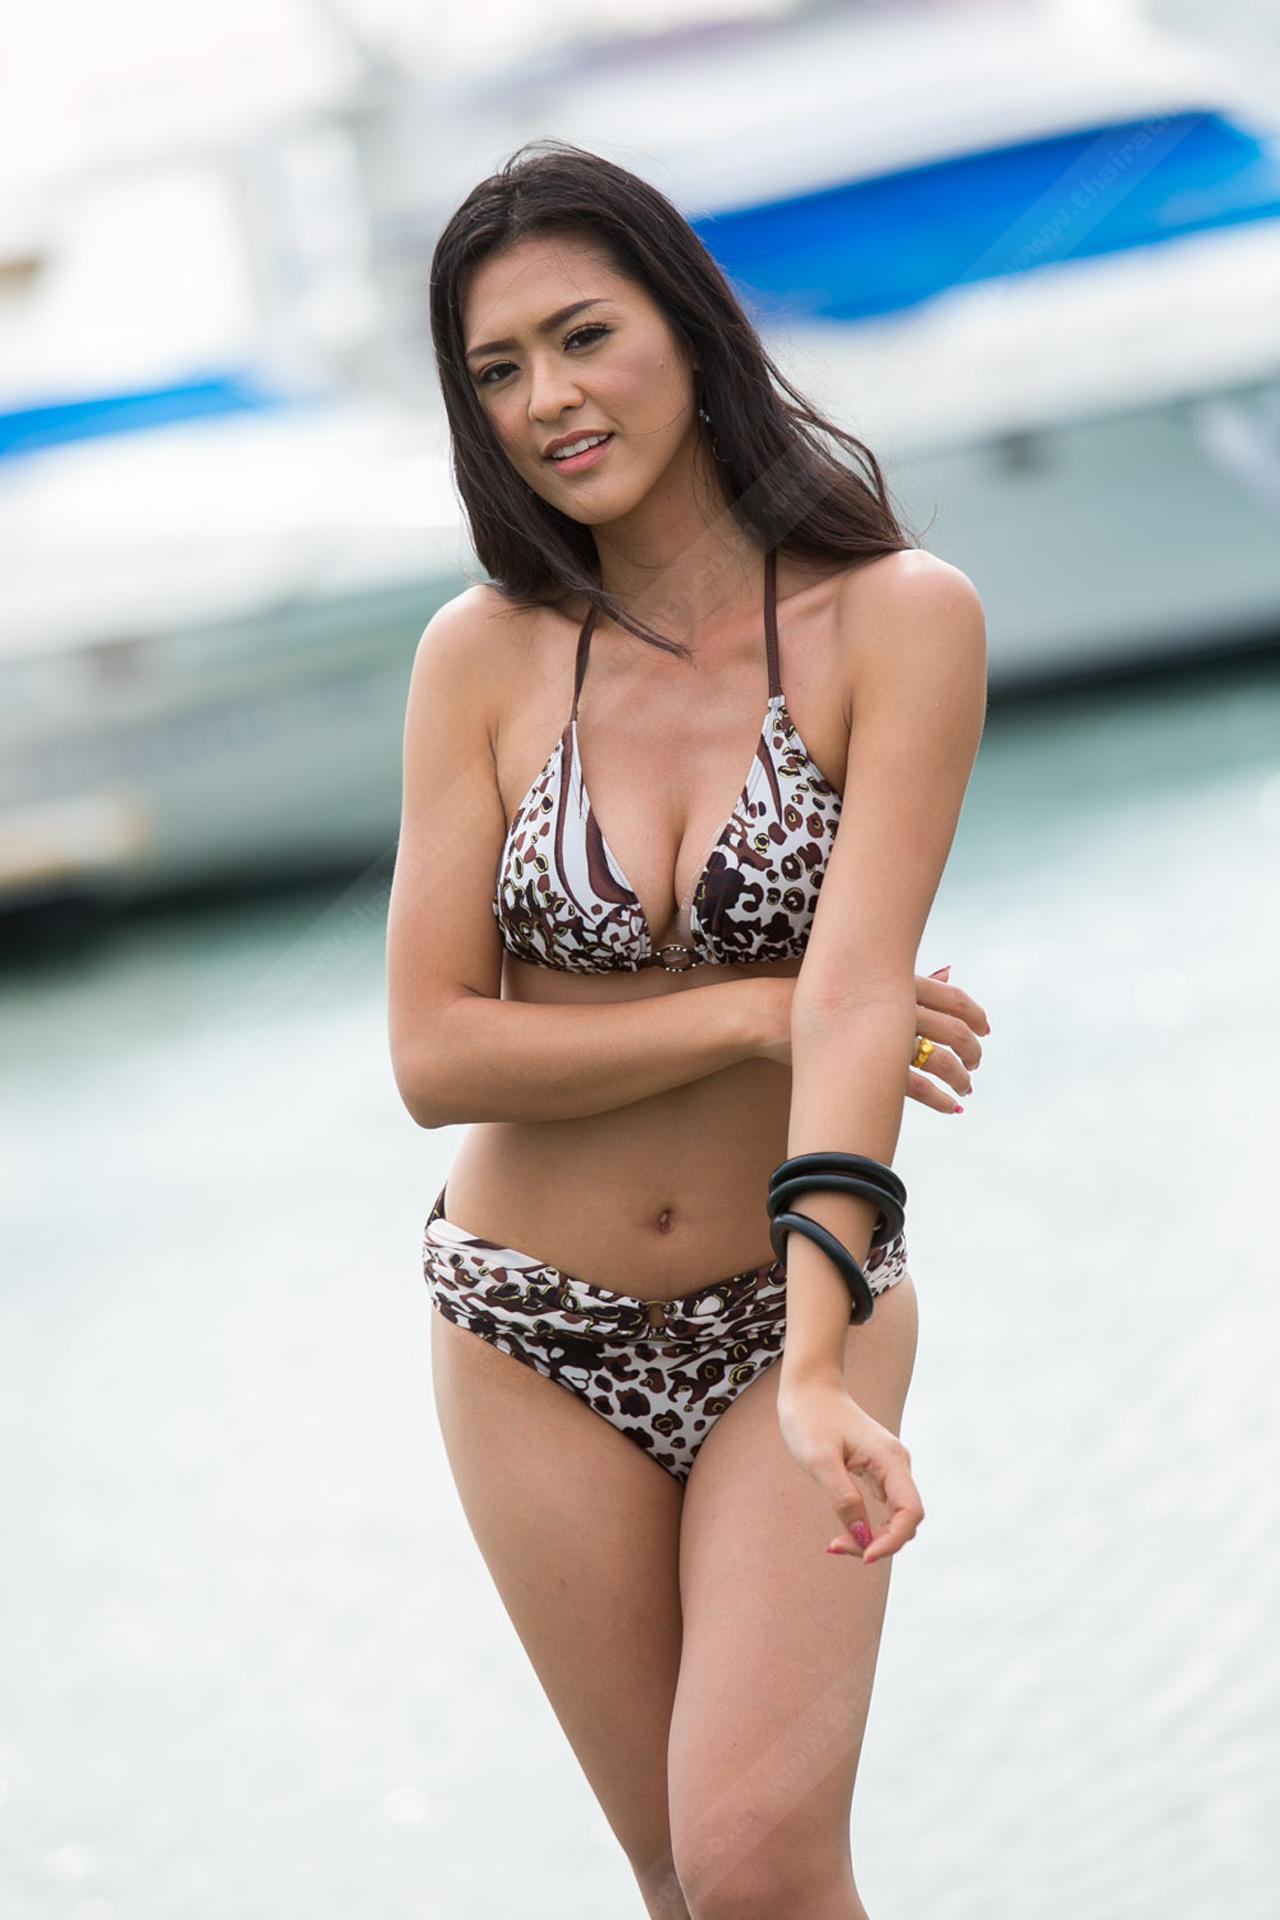 สาวสวย1ใน ผู้ประกวดมิสอินเตอร์เนชั่นแนล ไทยแลนด์ Miss International Thailand 2015 สวมใส่ชุดว่ายน้ำโชว์เรือนร่าง